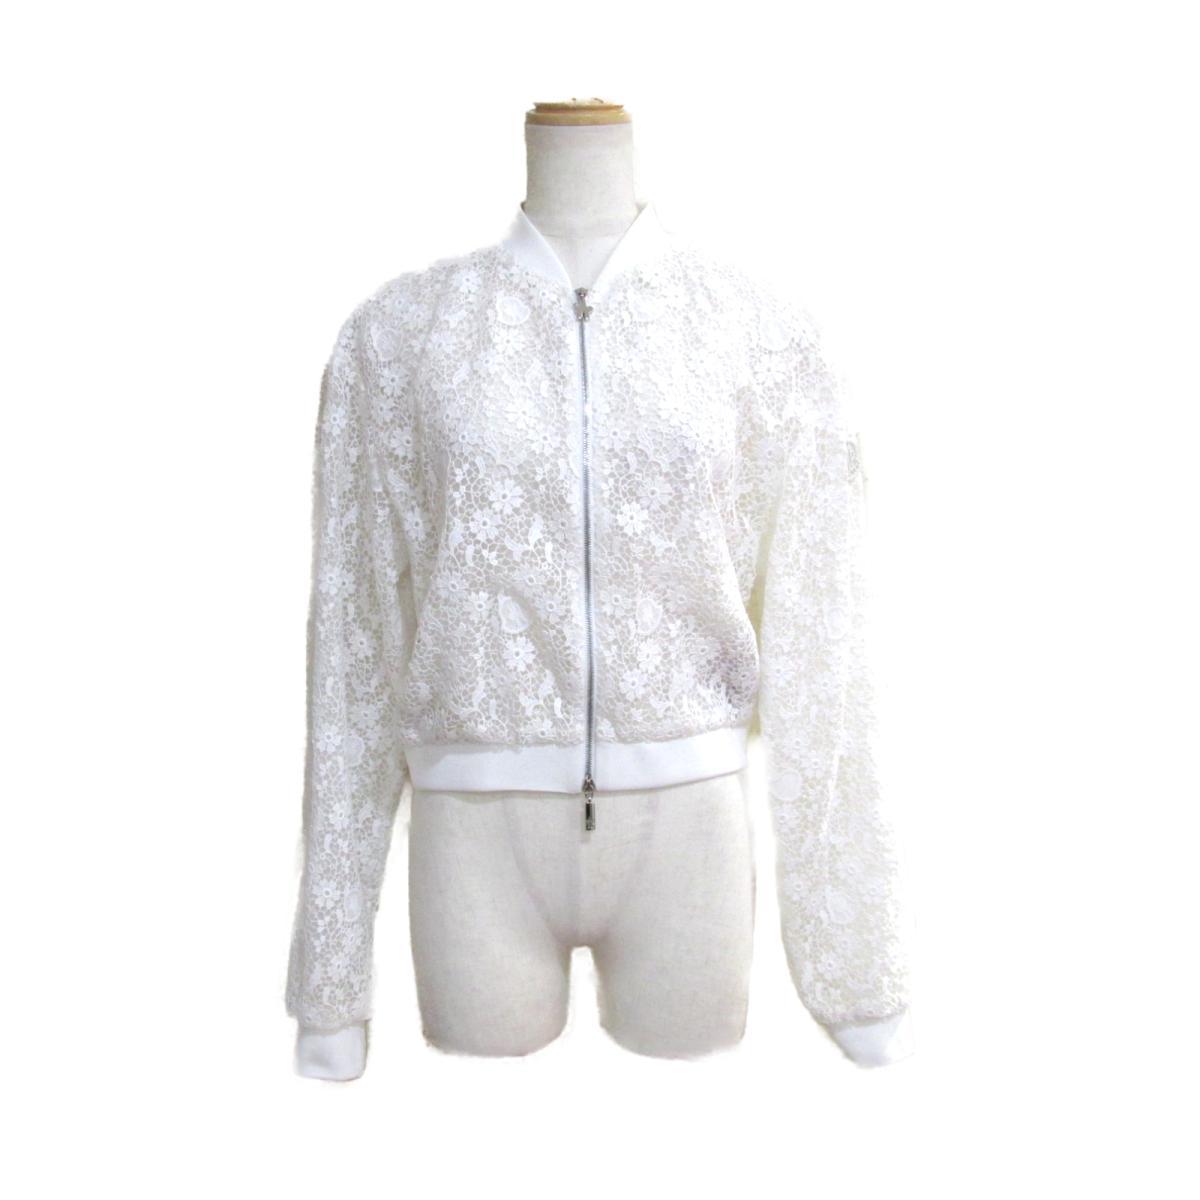 【中古】 モンクレール 2018 ブルゾン レディース コットン x ポリエステル ホワイト   MONCLER BRANDOFF ブランドオフ 衣料品 衣類 ブランド アウター ジャケット コート